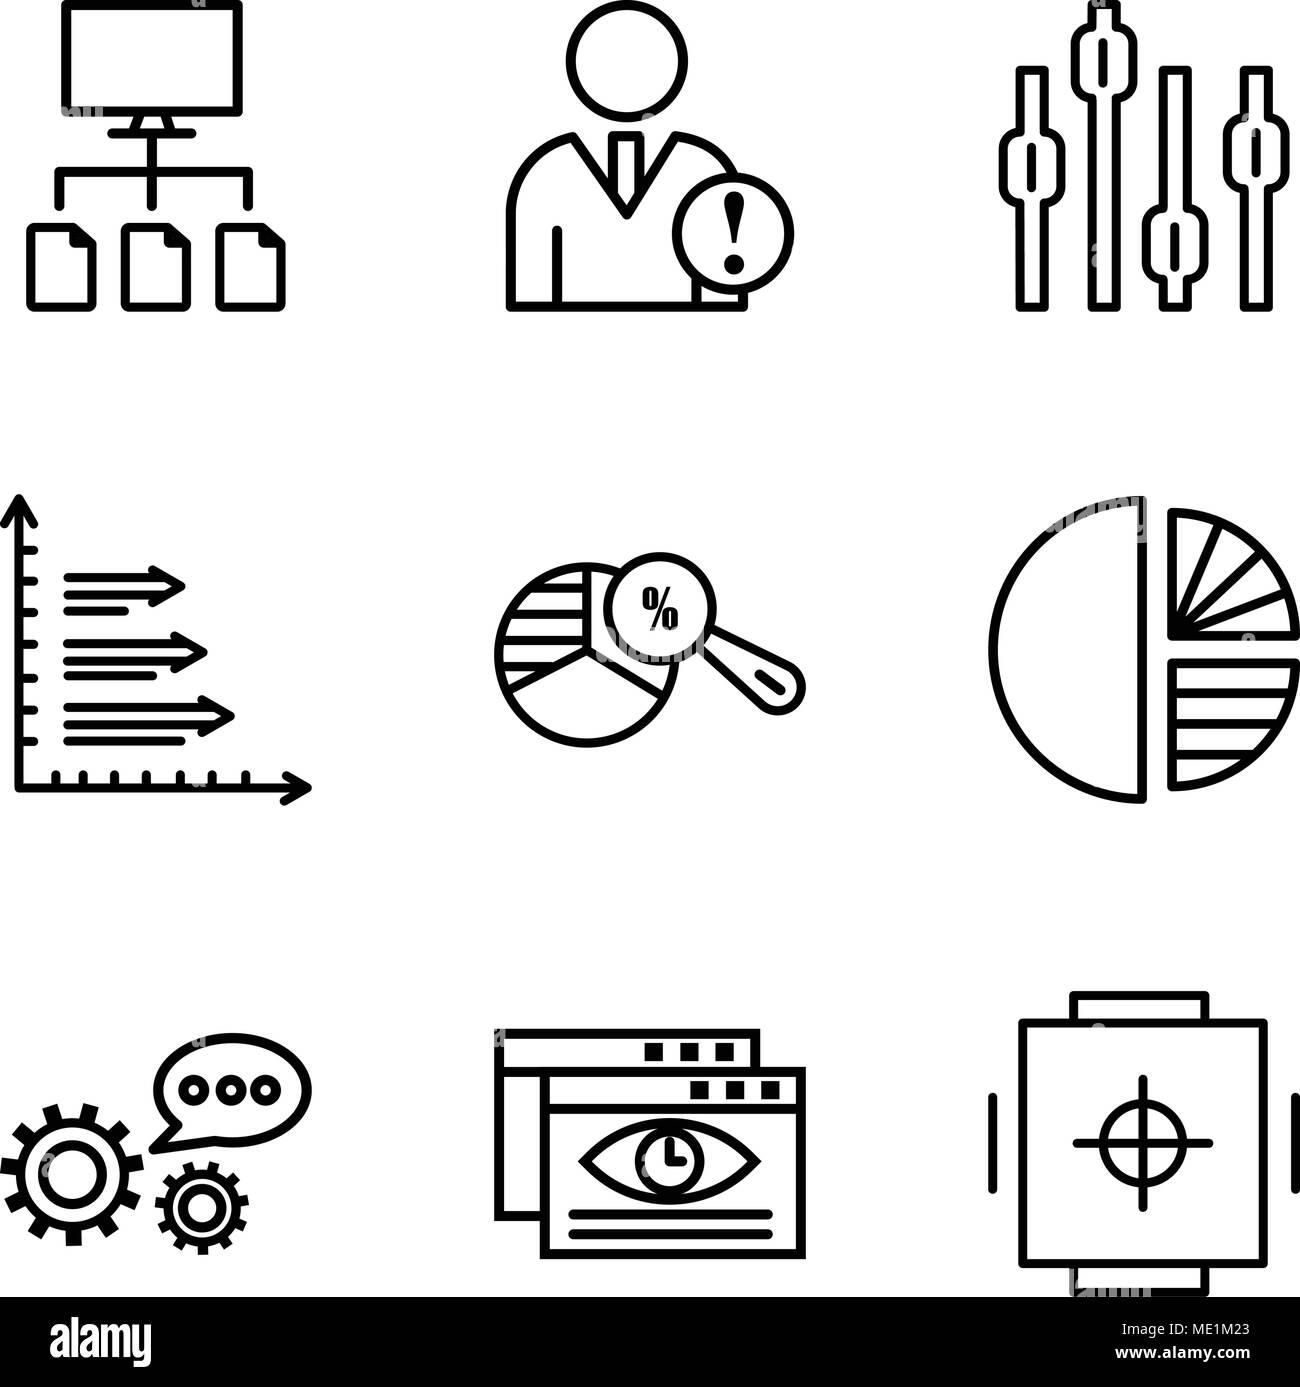 Conjunto de 9 sencillos iconos editables, como caja de seguridad, visor de datos, análisis de datos, 3D gráfico sencillo, gráfico Análisis, Analytics, Box Plot gráfico, los datos ana Ilustración del Vector